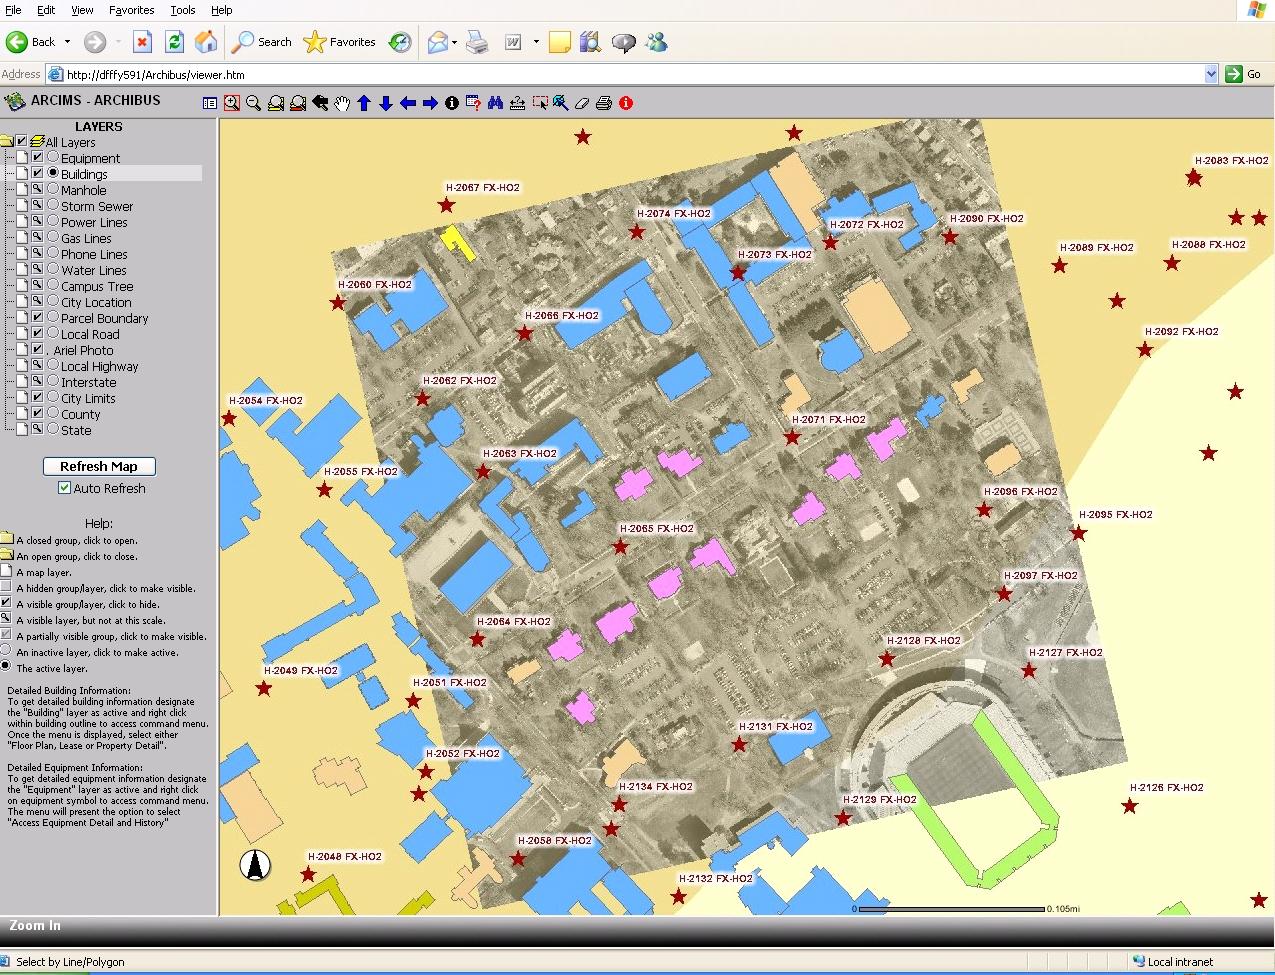 Перевод концепции модели данных ESRI внутреннего пространства зданий (BISDM) - 3